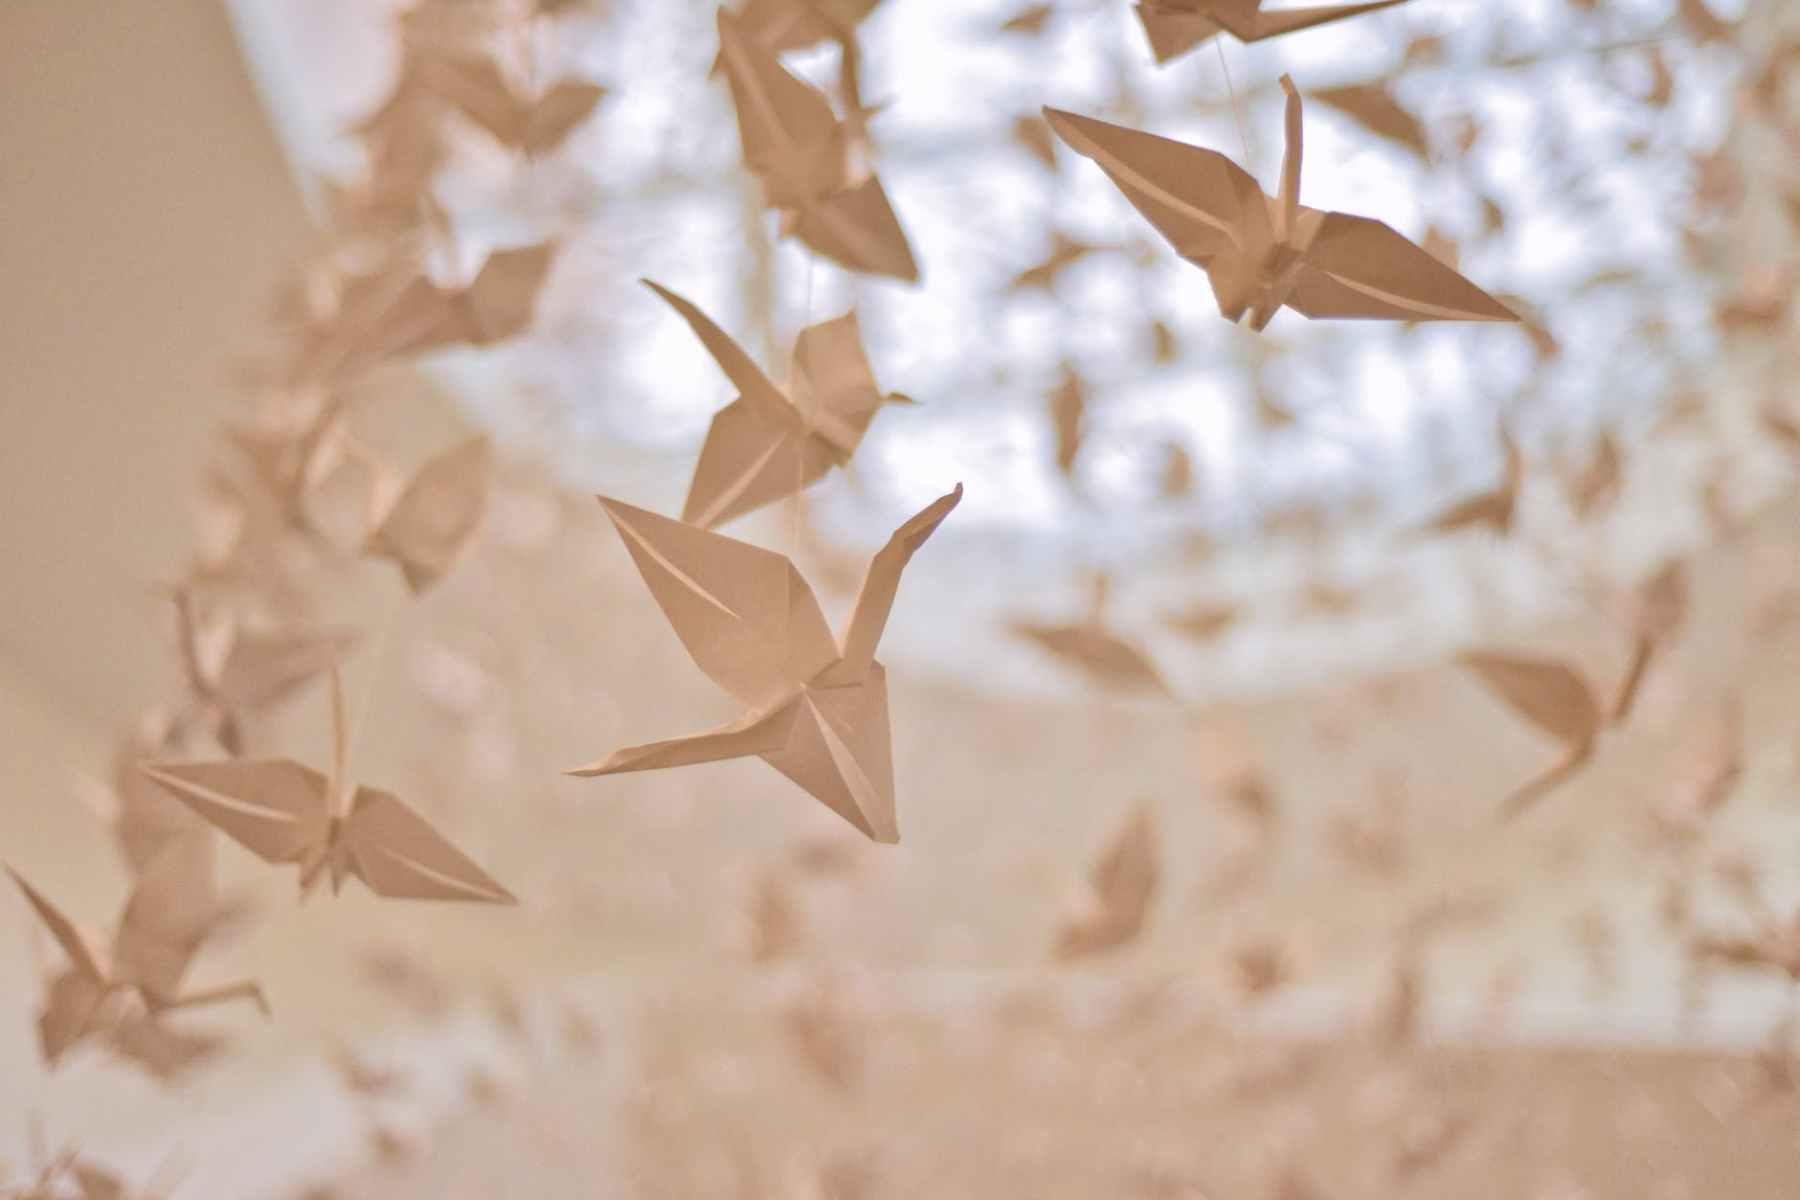 paper cranes